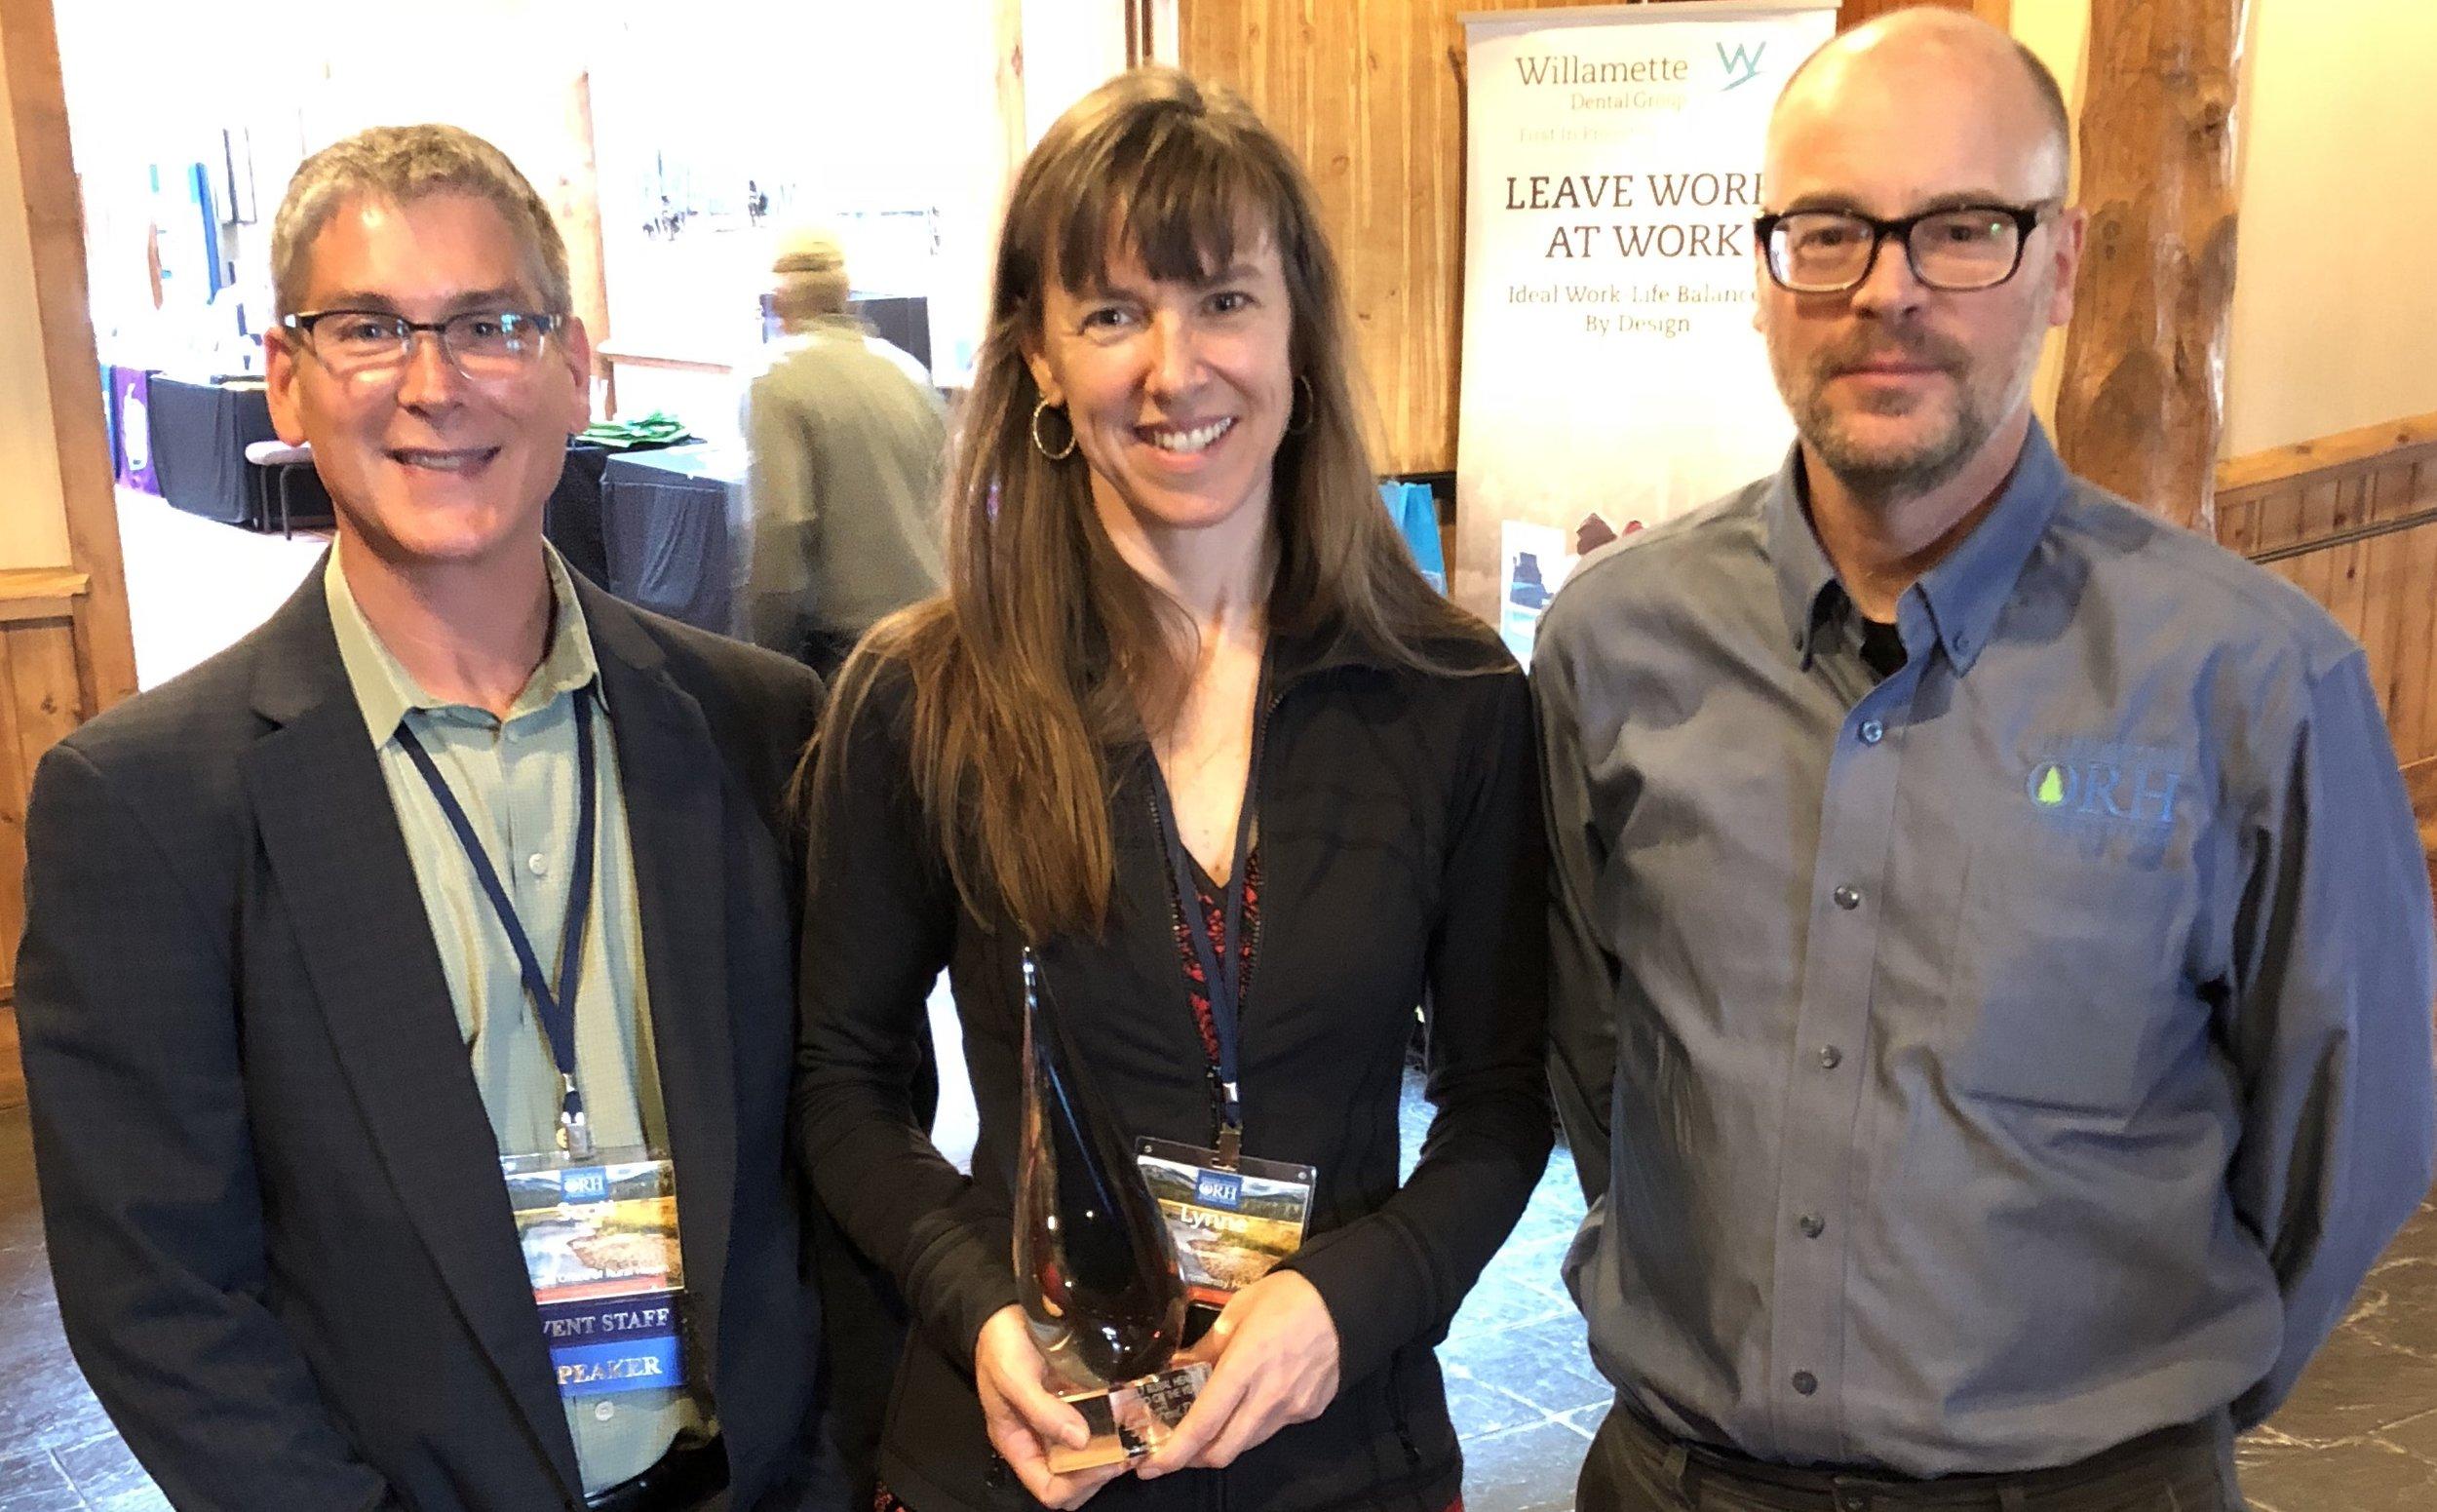 """Justo después de recibir su premio, Lynne Frost, """"Héroe de Salud Rural de Oregon 2017"""", posa con Scott Ekblad, director de la Oficina de Salud Rural de Oregón y Robert Duehmig, subdirector de la Oficina de Salud Rural de Oregón."""